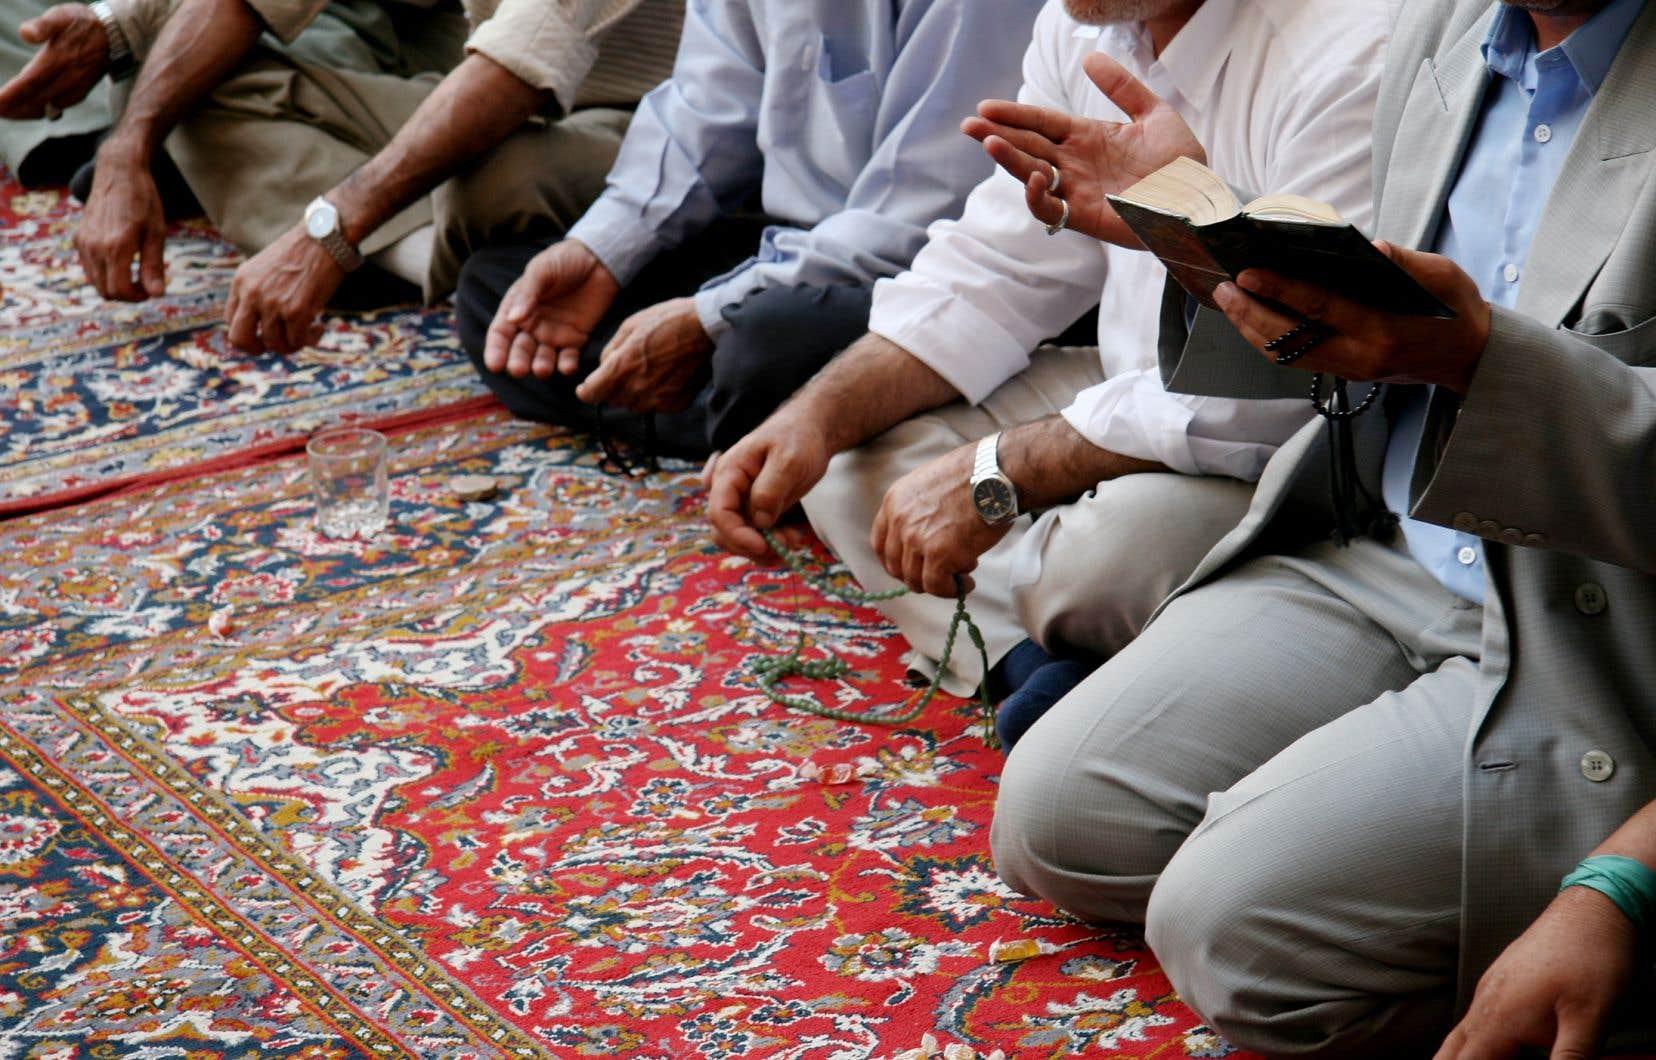 Dans son jugement, le juge a statué que des prières peuvent avoir lieu à l'occasion dans un lieu sans que celui-ci soit considéré comme une mosquée, une église ou une synagogue à proprement parler.